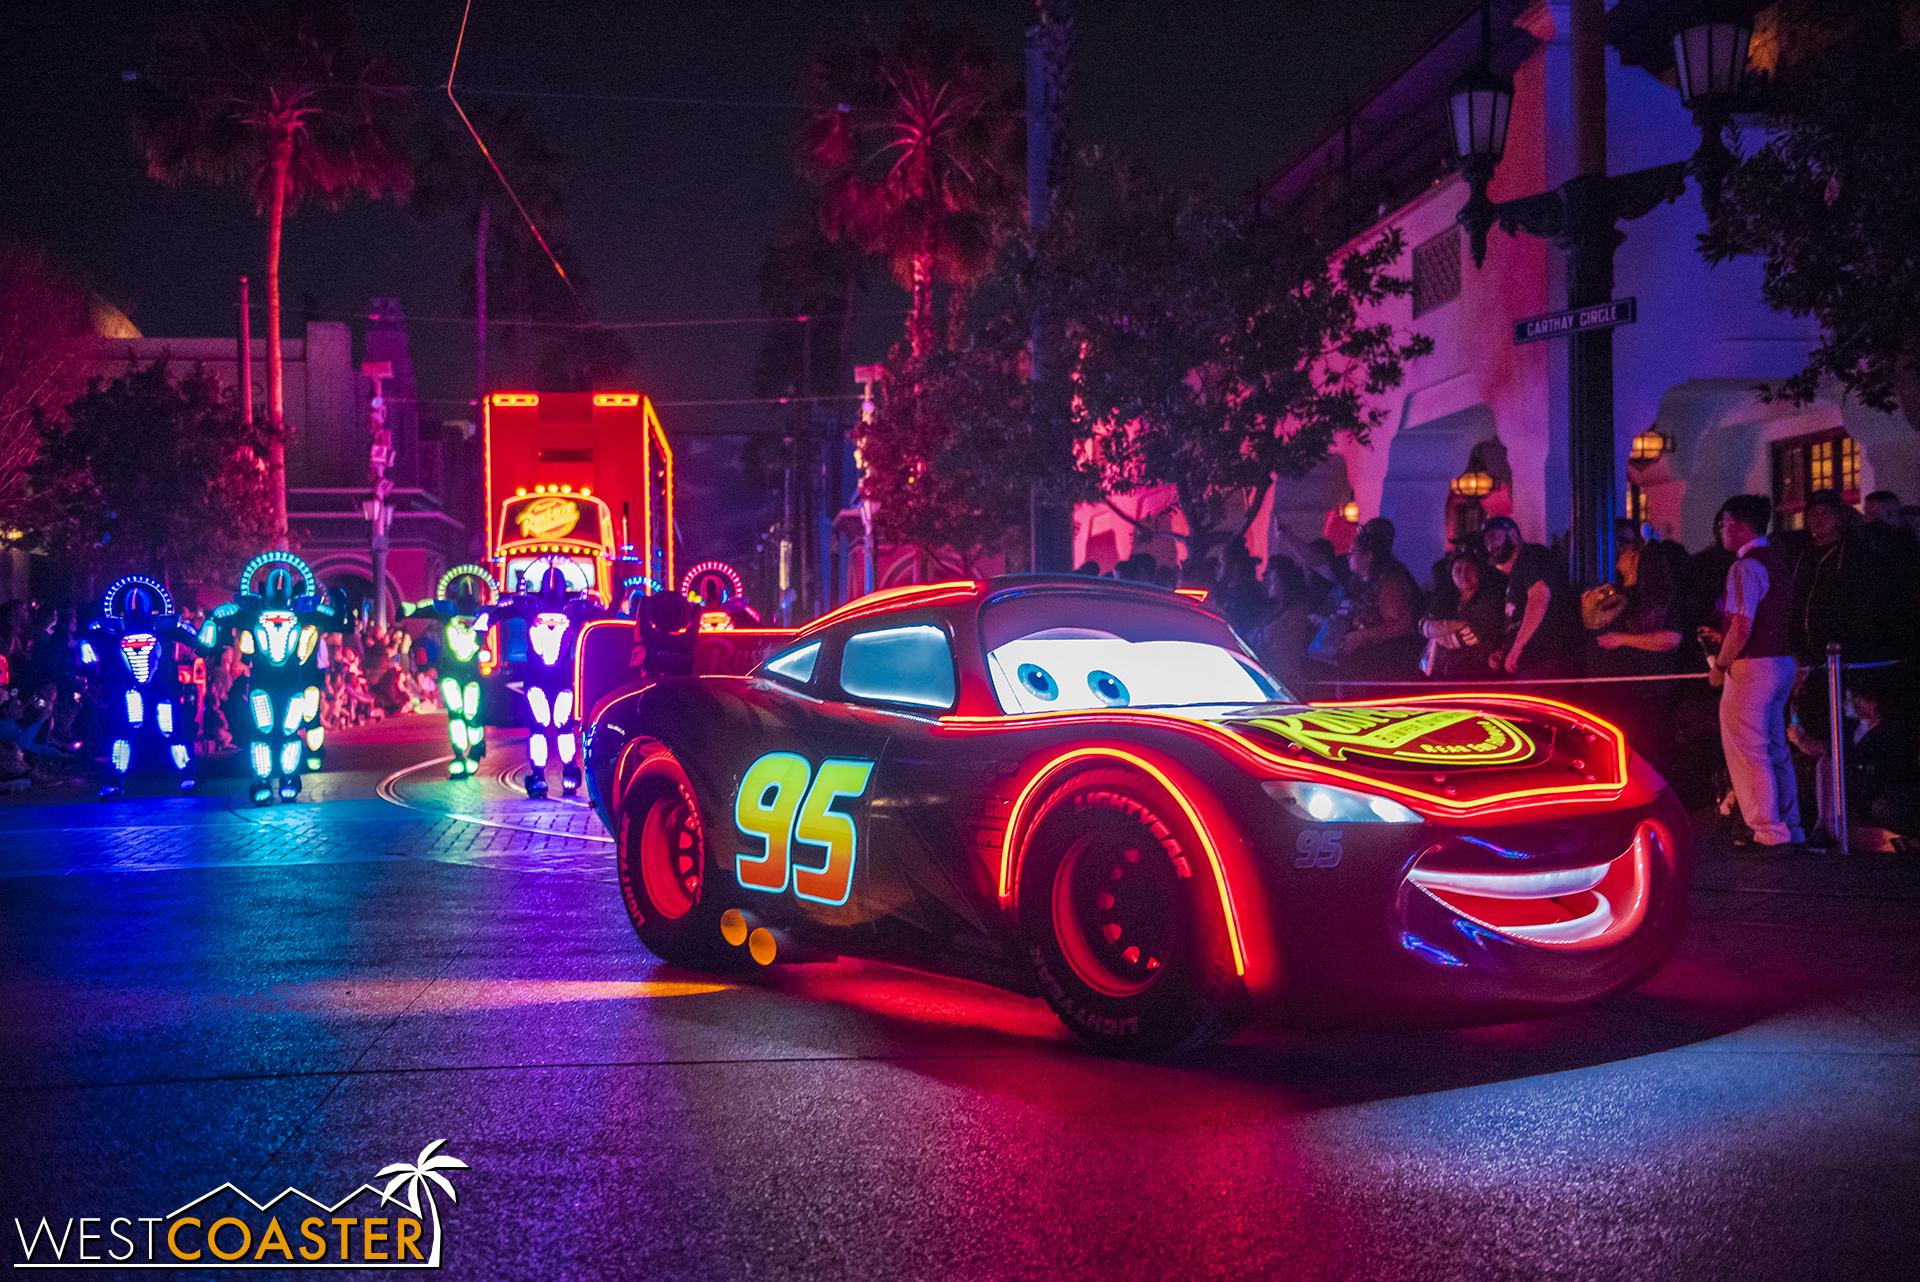 Lighting McQueen is rarin' to go.